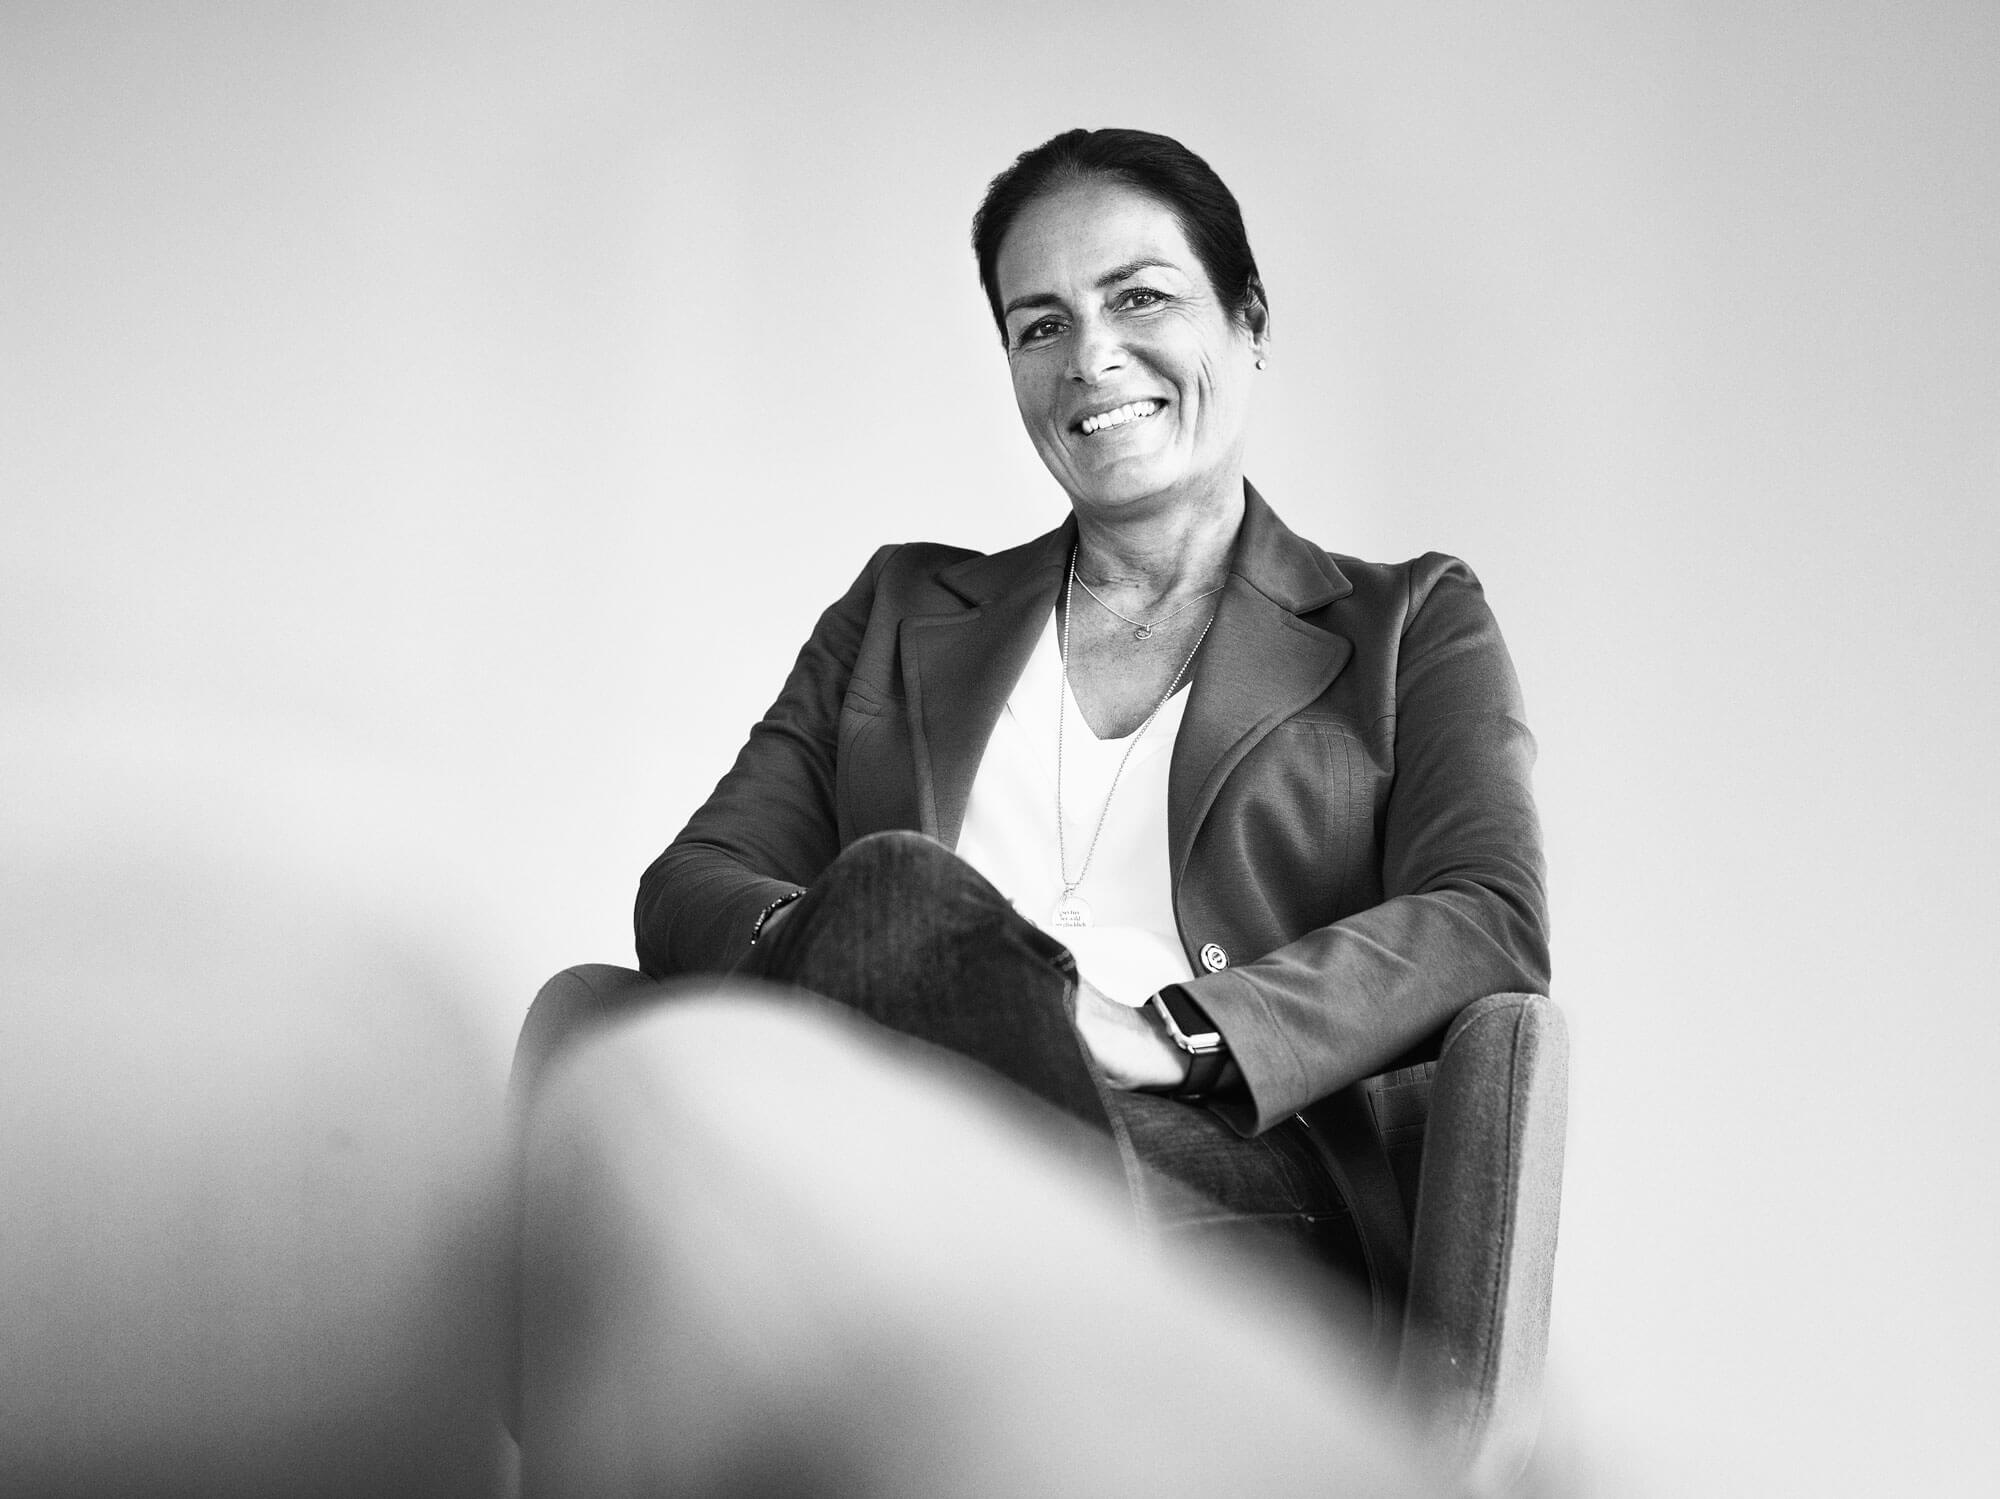 Manuela Reibold-Rolinger lächelnd - Schwarz-Weiß-Foto